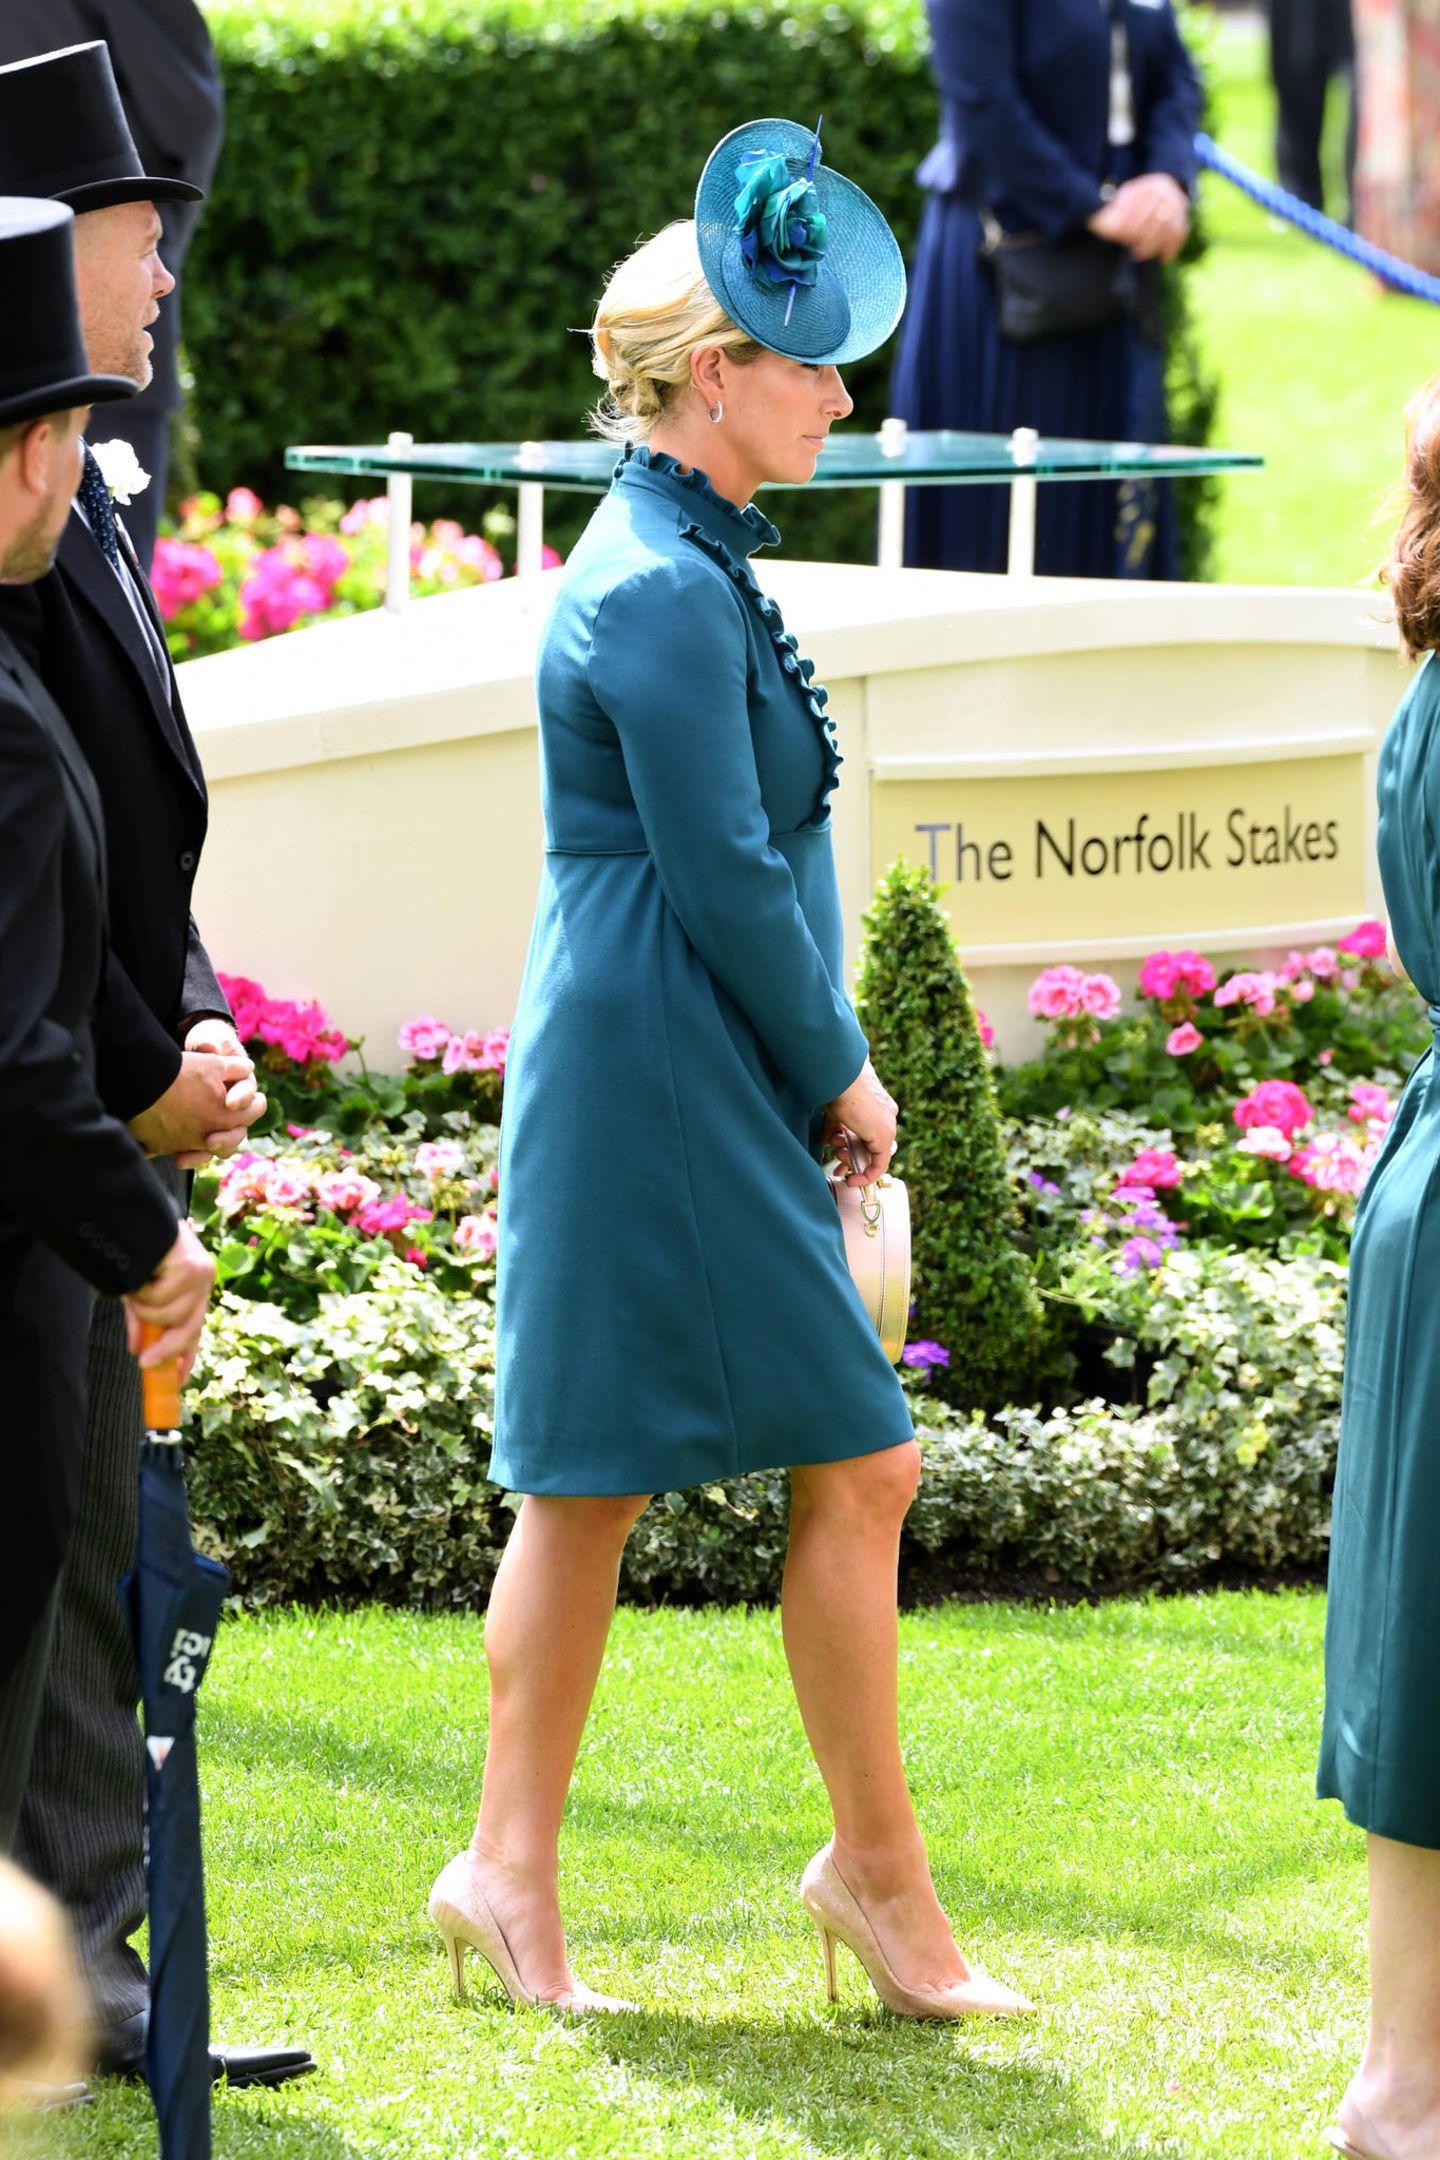 Zara Phillips macht in ihrem petrolfarbenen Kleid eine tolle Figur. Laut Ascot-Dresscode wäre ihr Look eigentlich zu kurz, der hochgeschlossene Ausschnitt mit Rüschenlenkt jedoch einige Blicke auf sich.